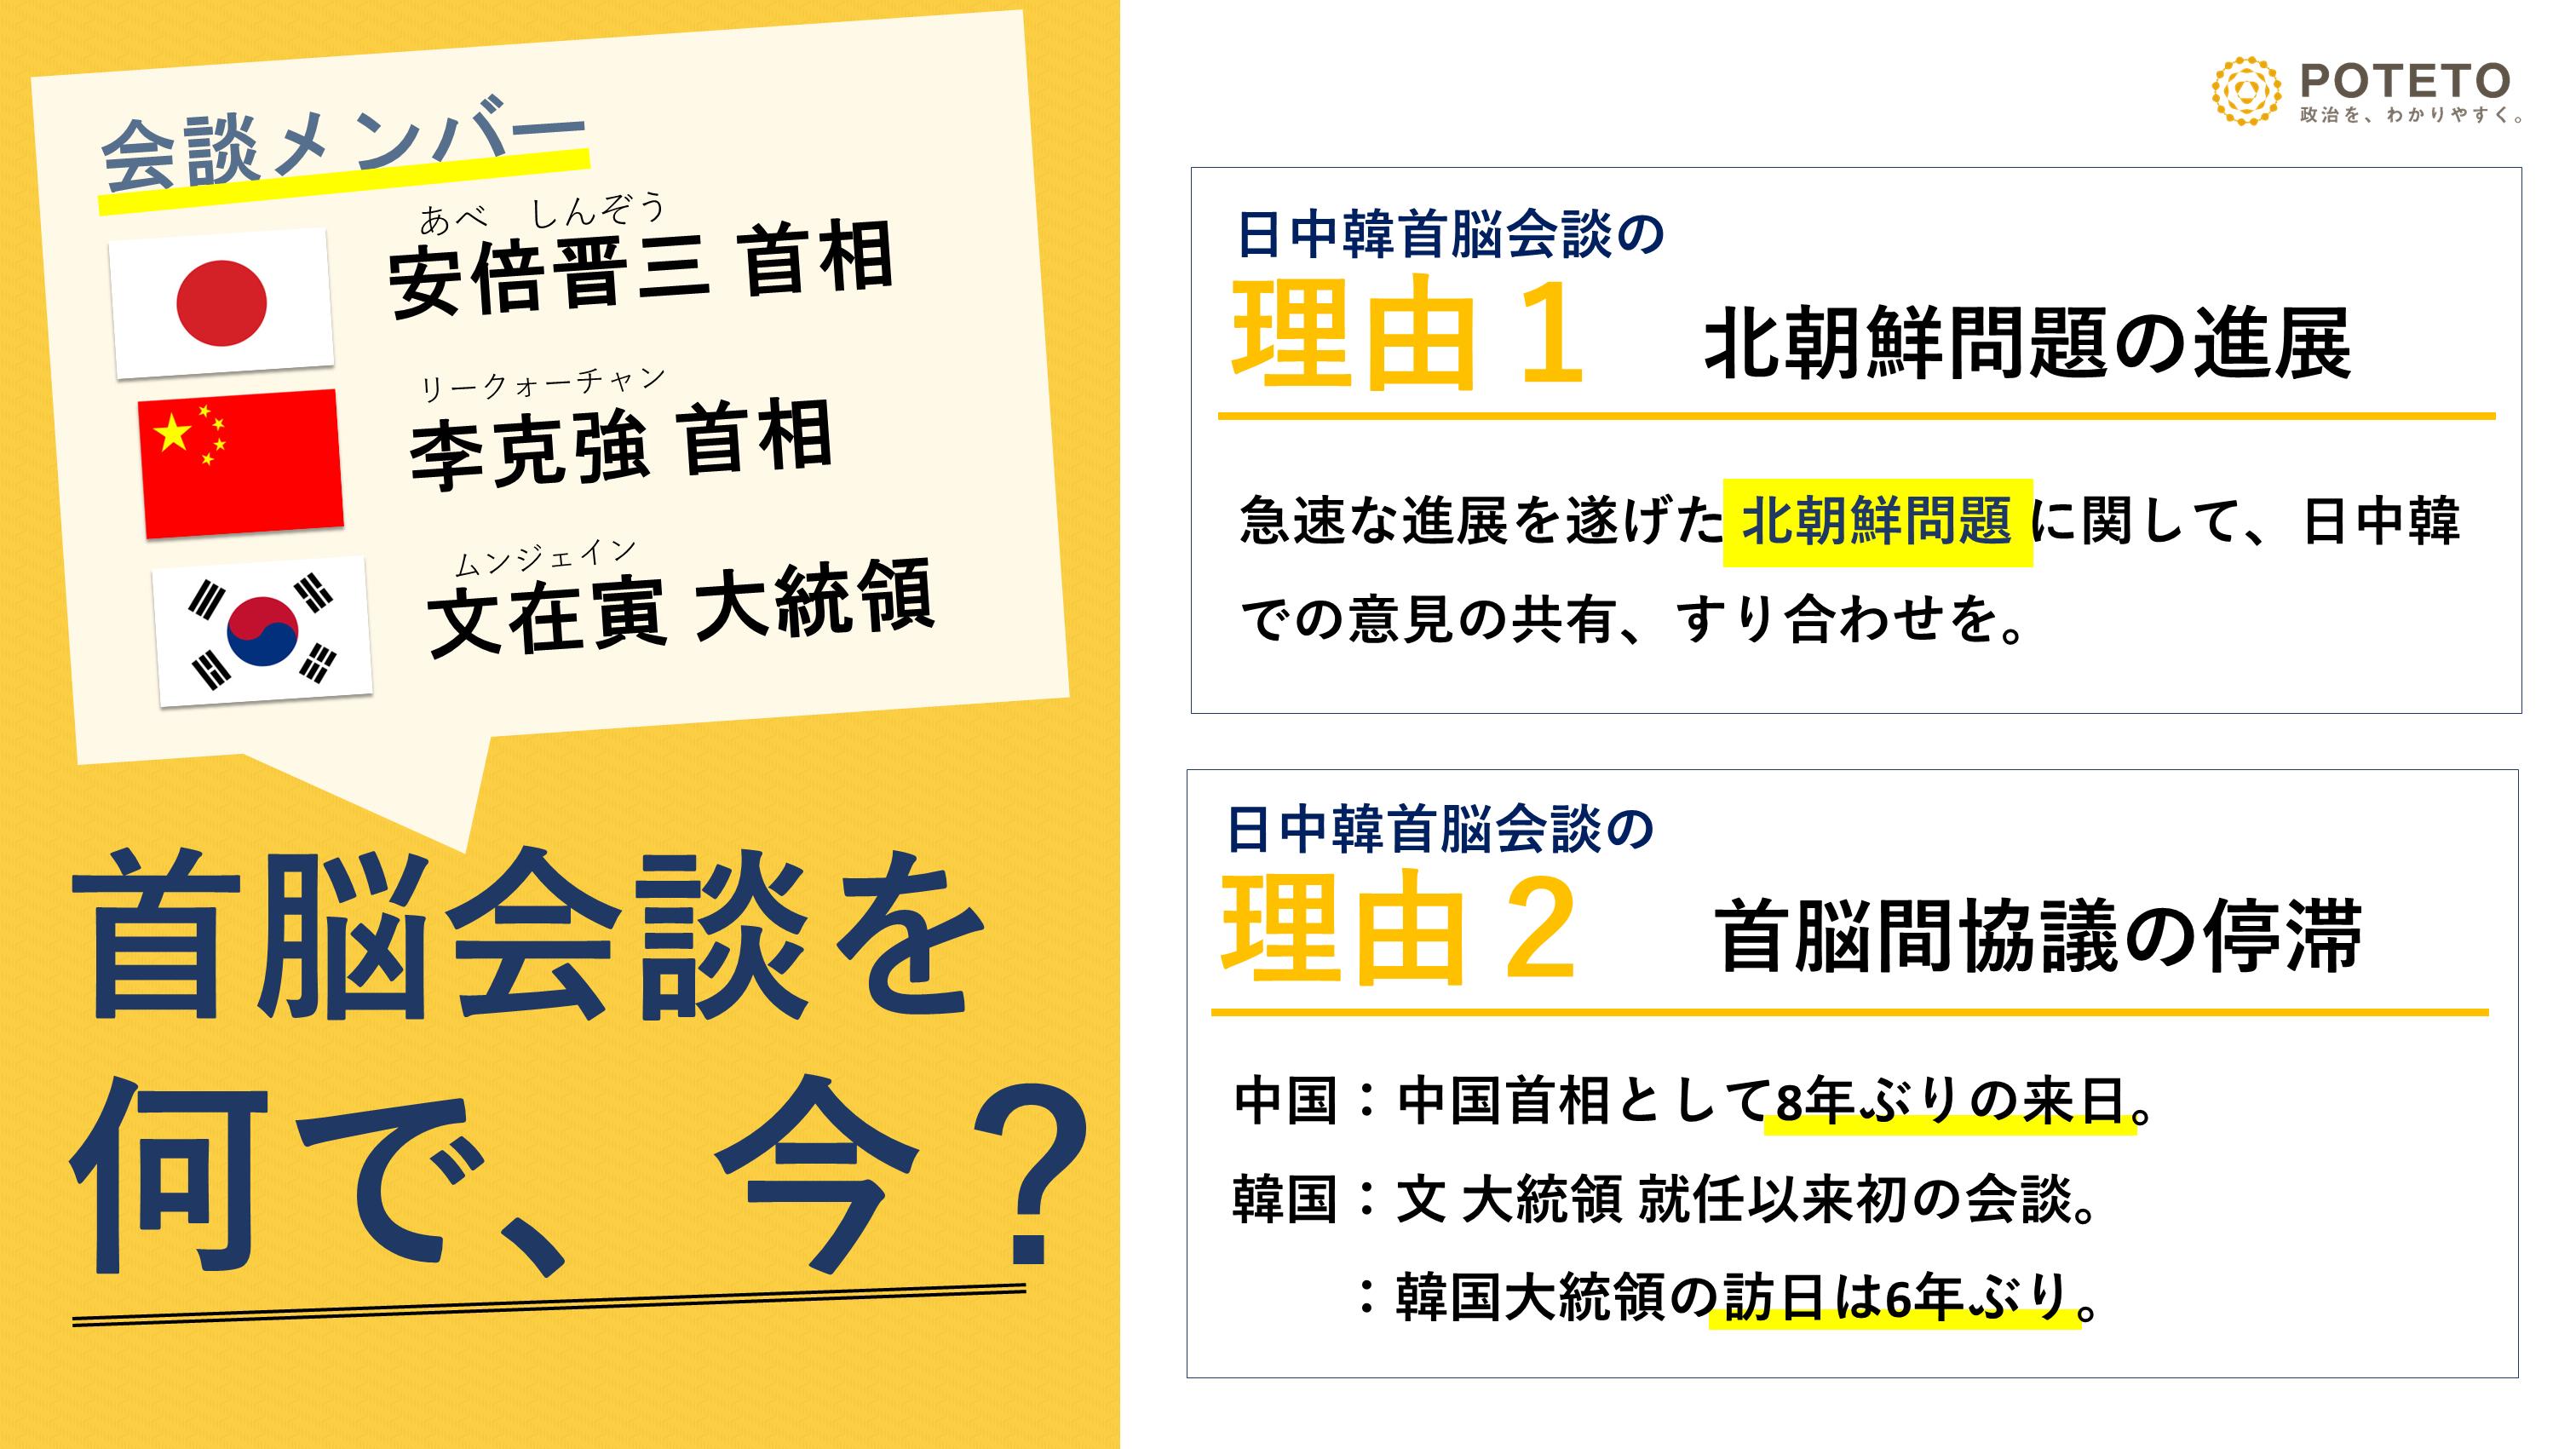 0bbb658321d956cd96d21fe104e0cbf1 - 日中韓・3カ国首脳会談<br>その意図、海外の反応、日本のメリットをザックリ解説